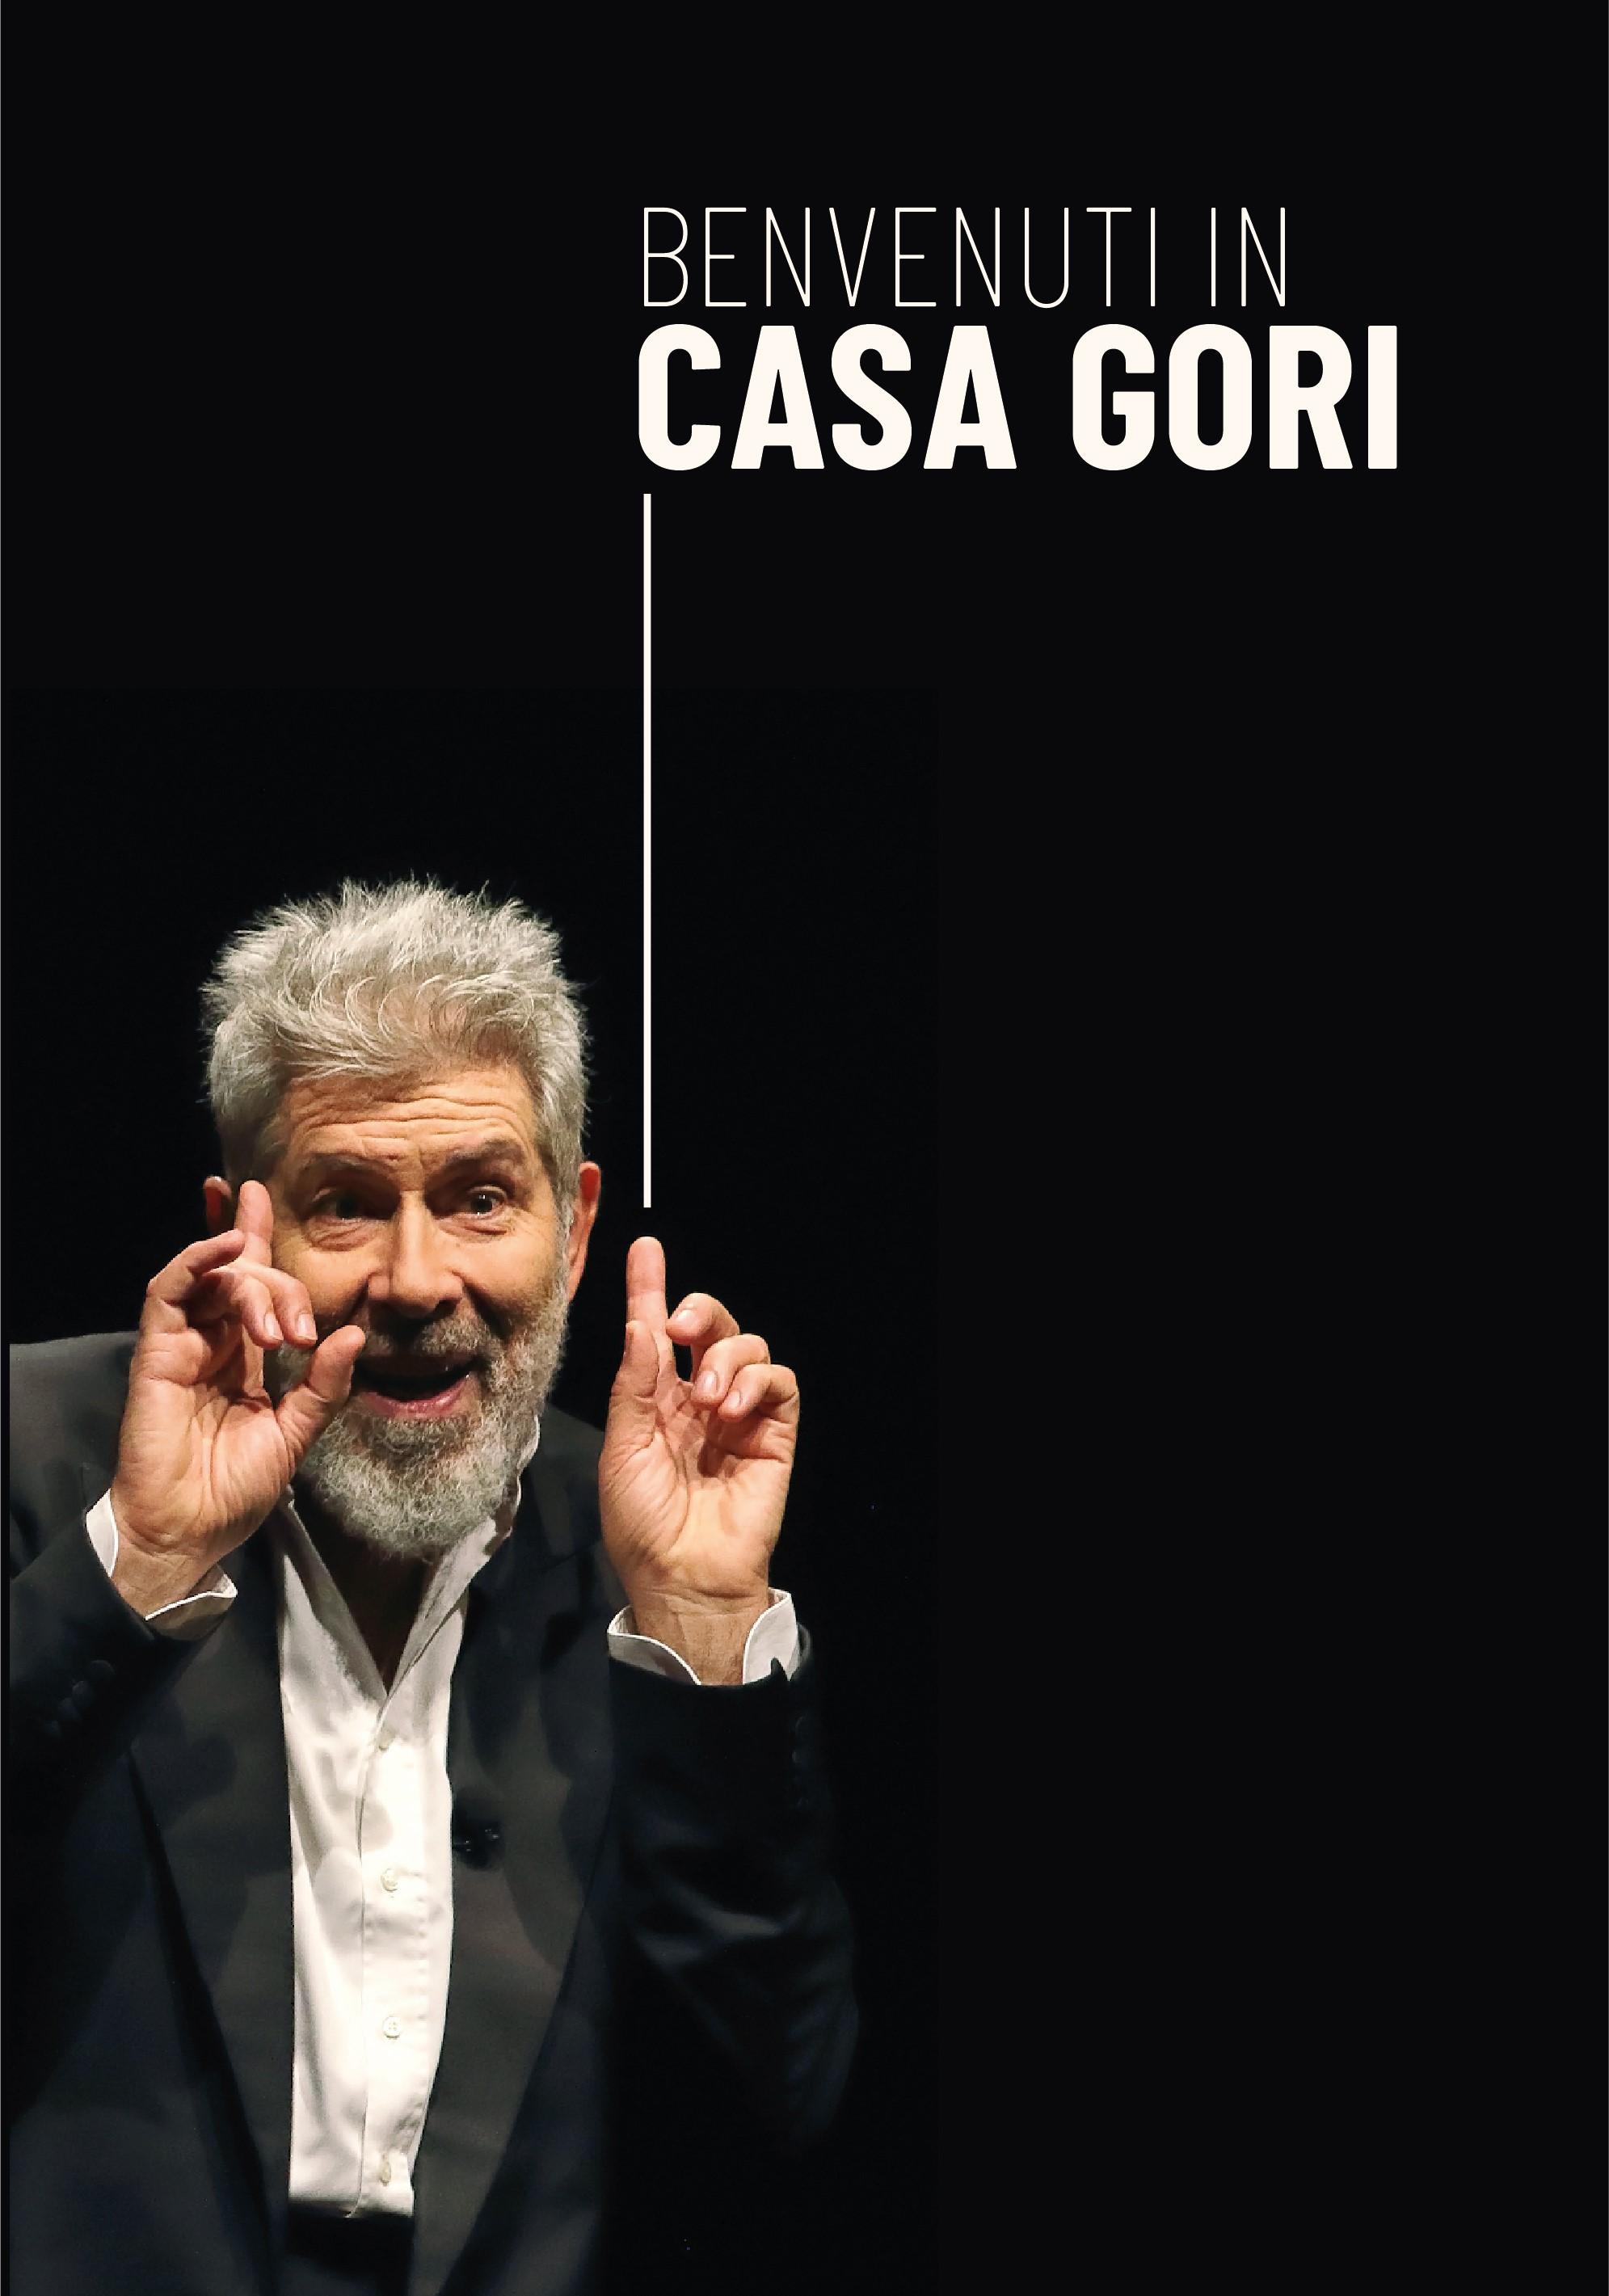 Benvenuti in casa Gori: a Natale al Teatro Metastasio torna il cult della comicità toscana